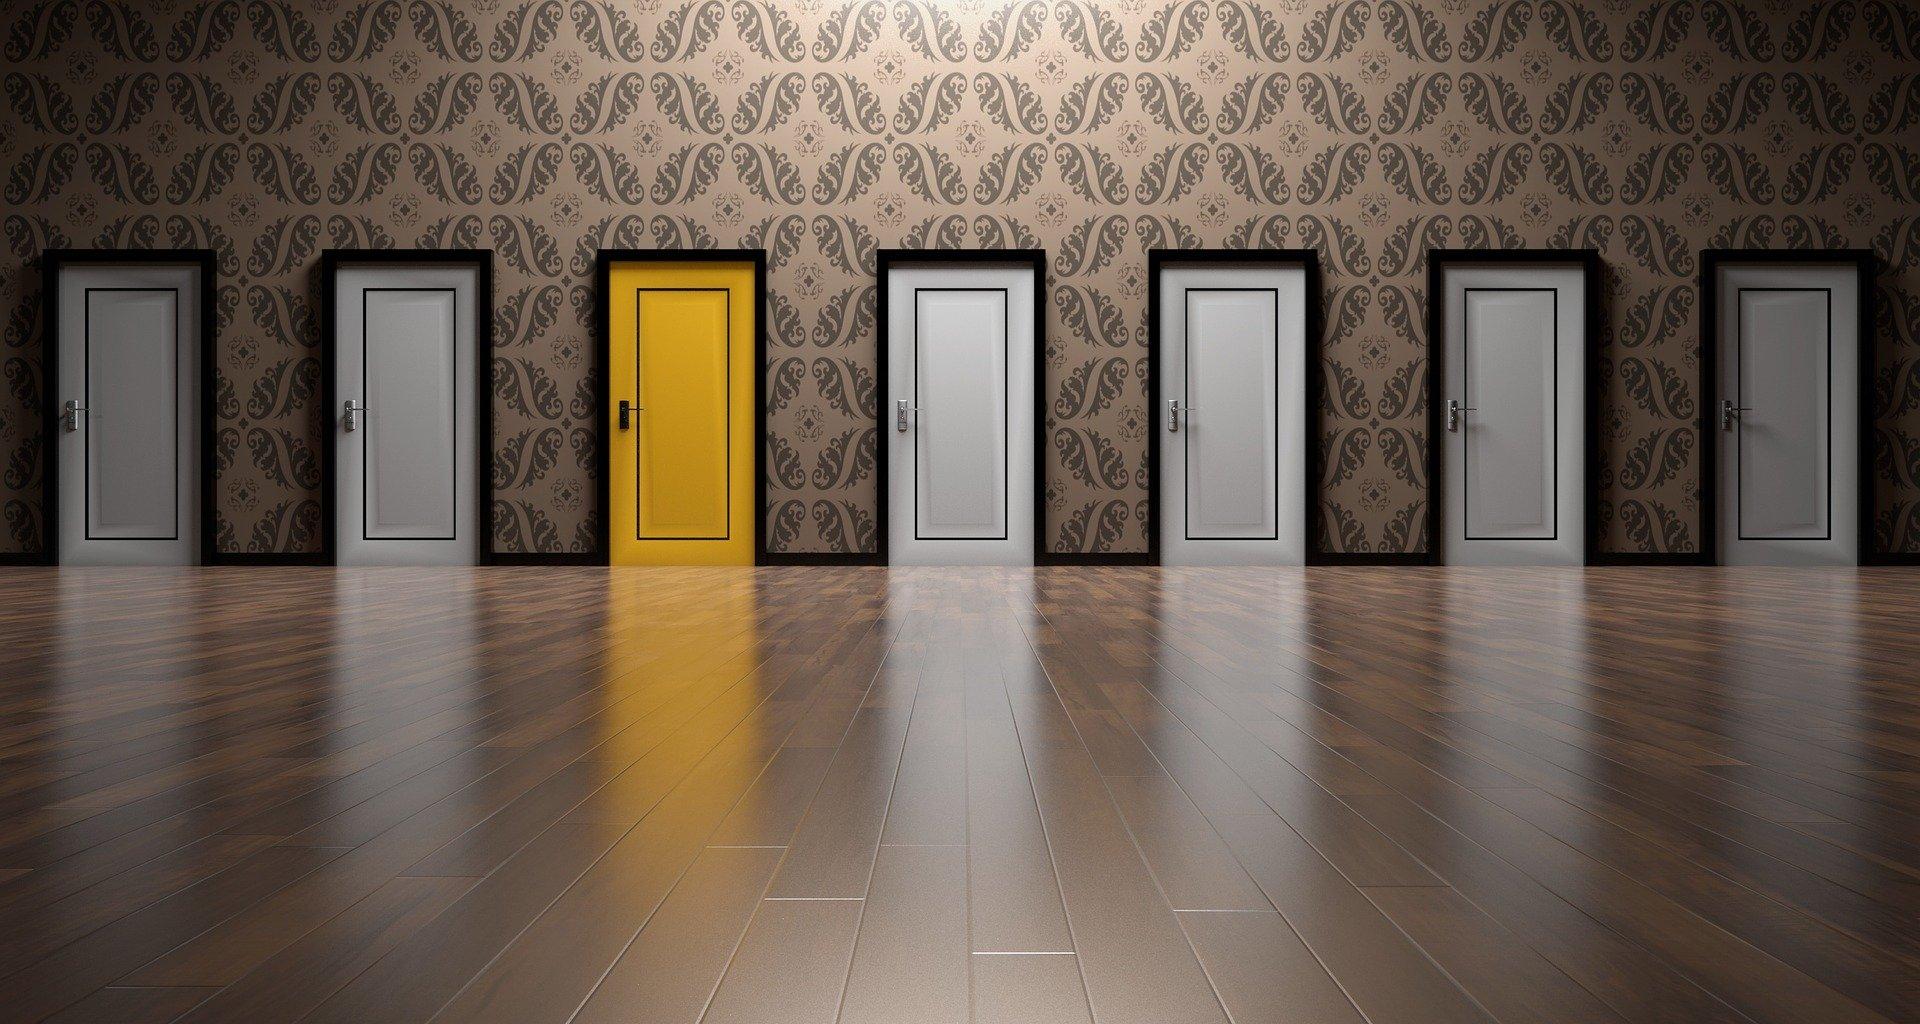 ERTE por COVID-19: ¿puede tener alguno de tus compañeros prioridad de permanencia?